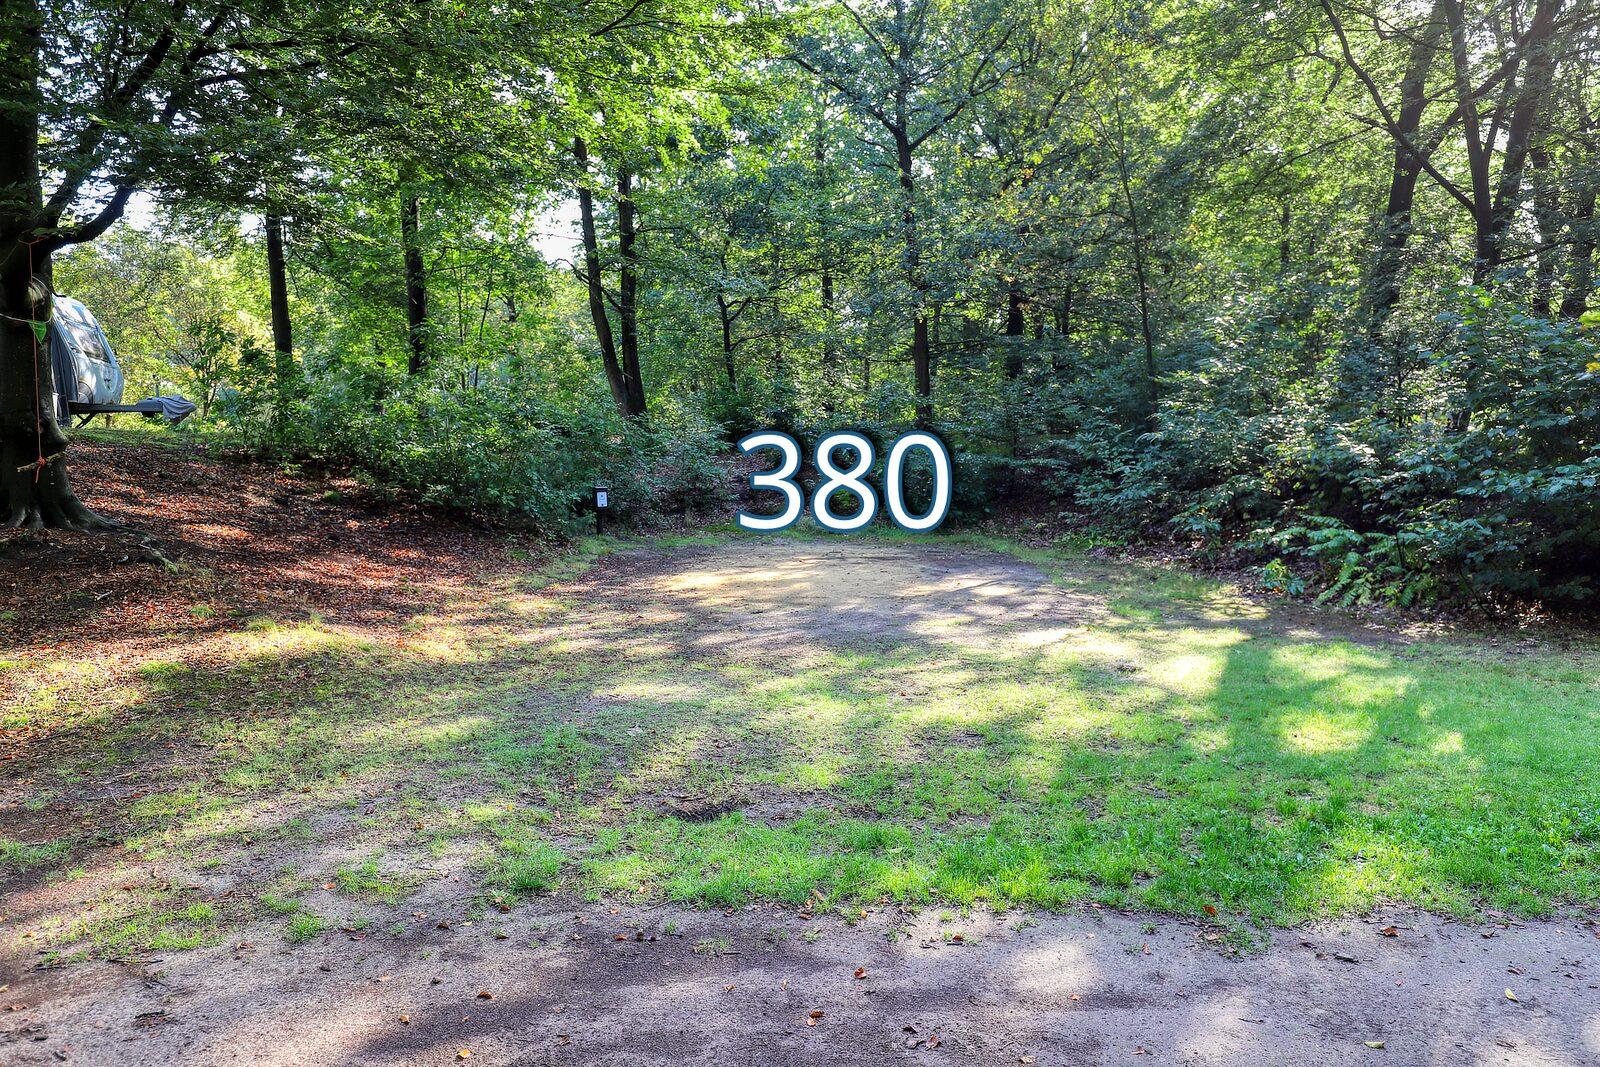 houtduif 380